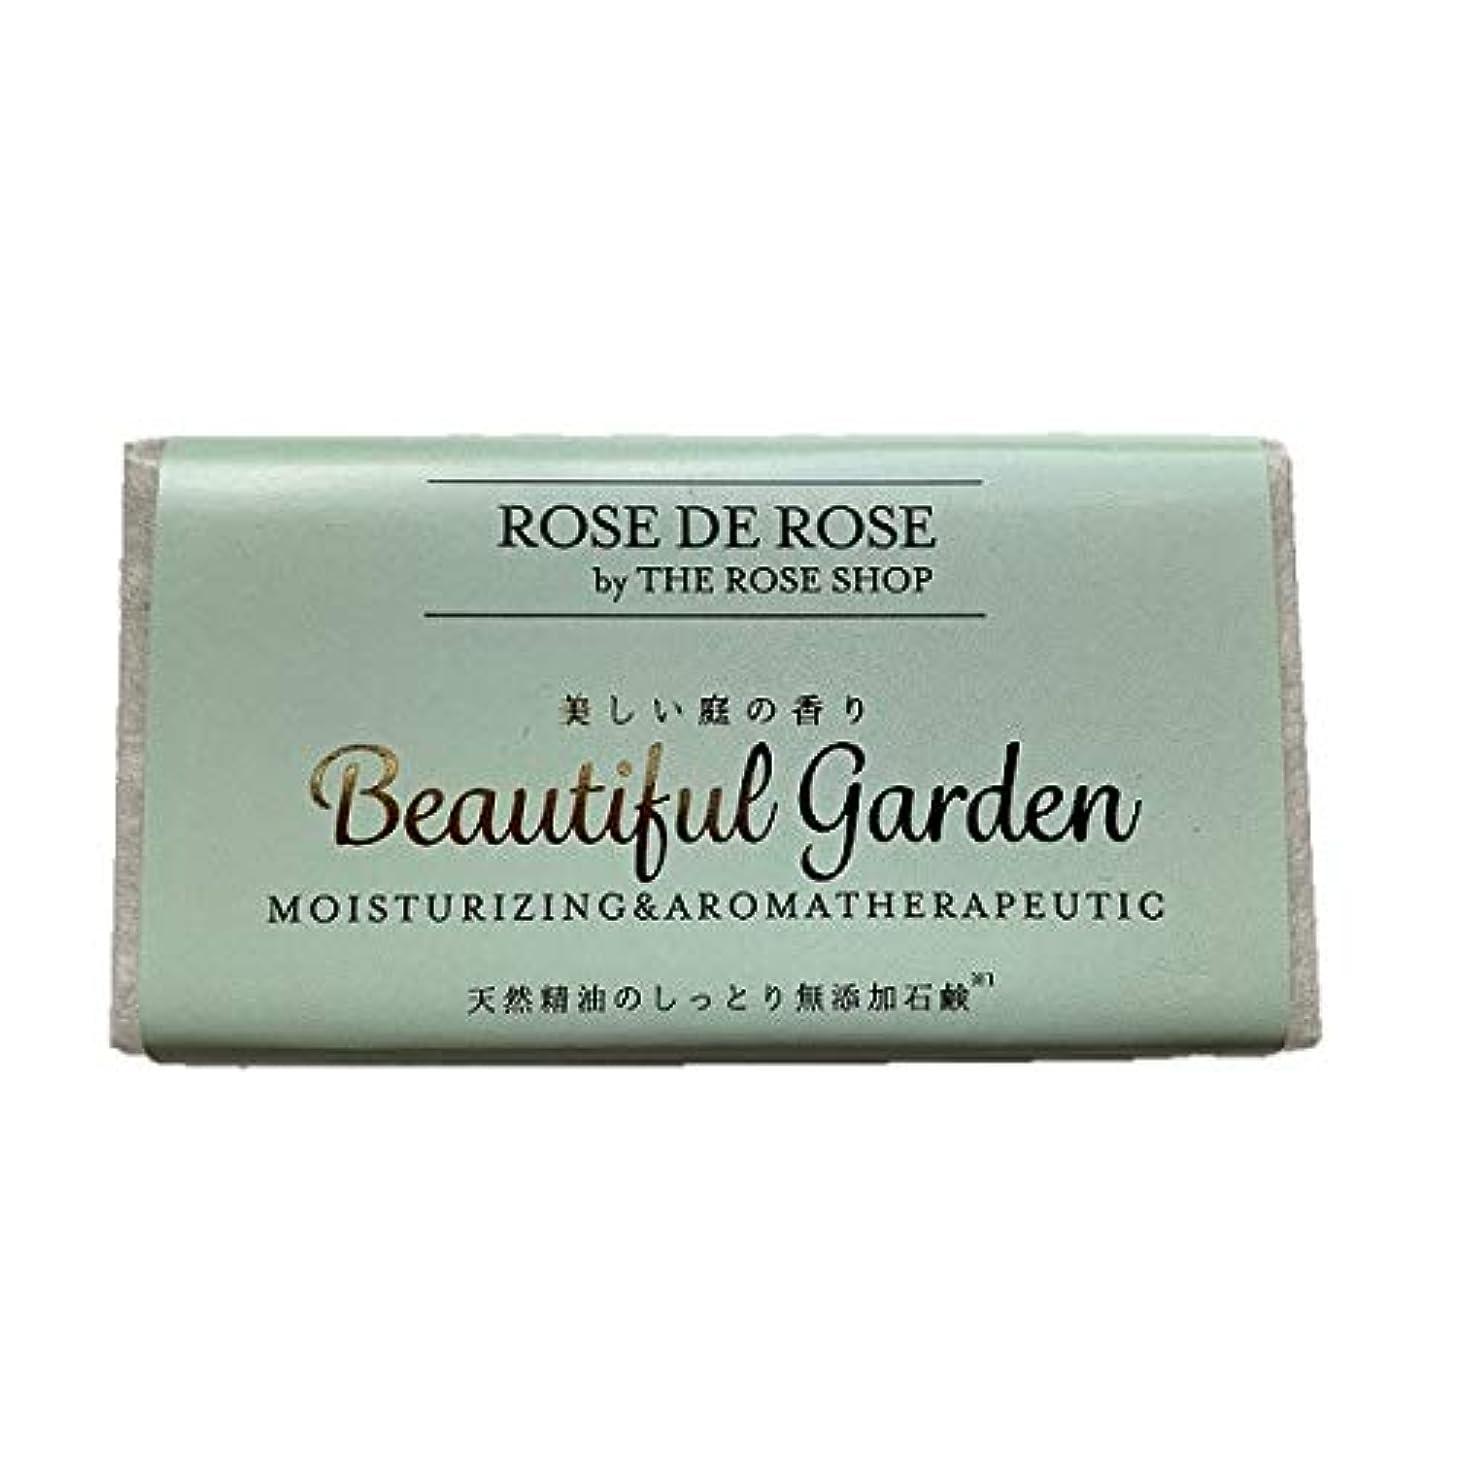 トーン針同盟天然精油の無添加石鹸 「美しい庭の香り ビューティフルガーデン」